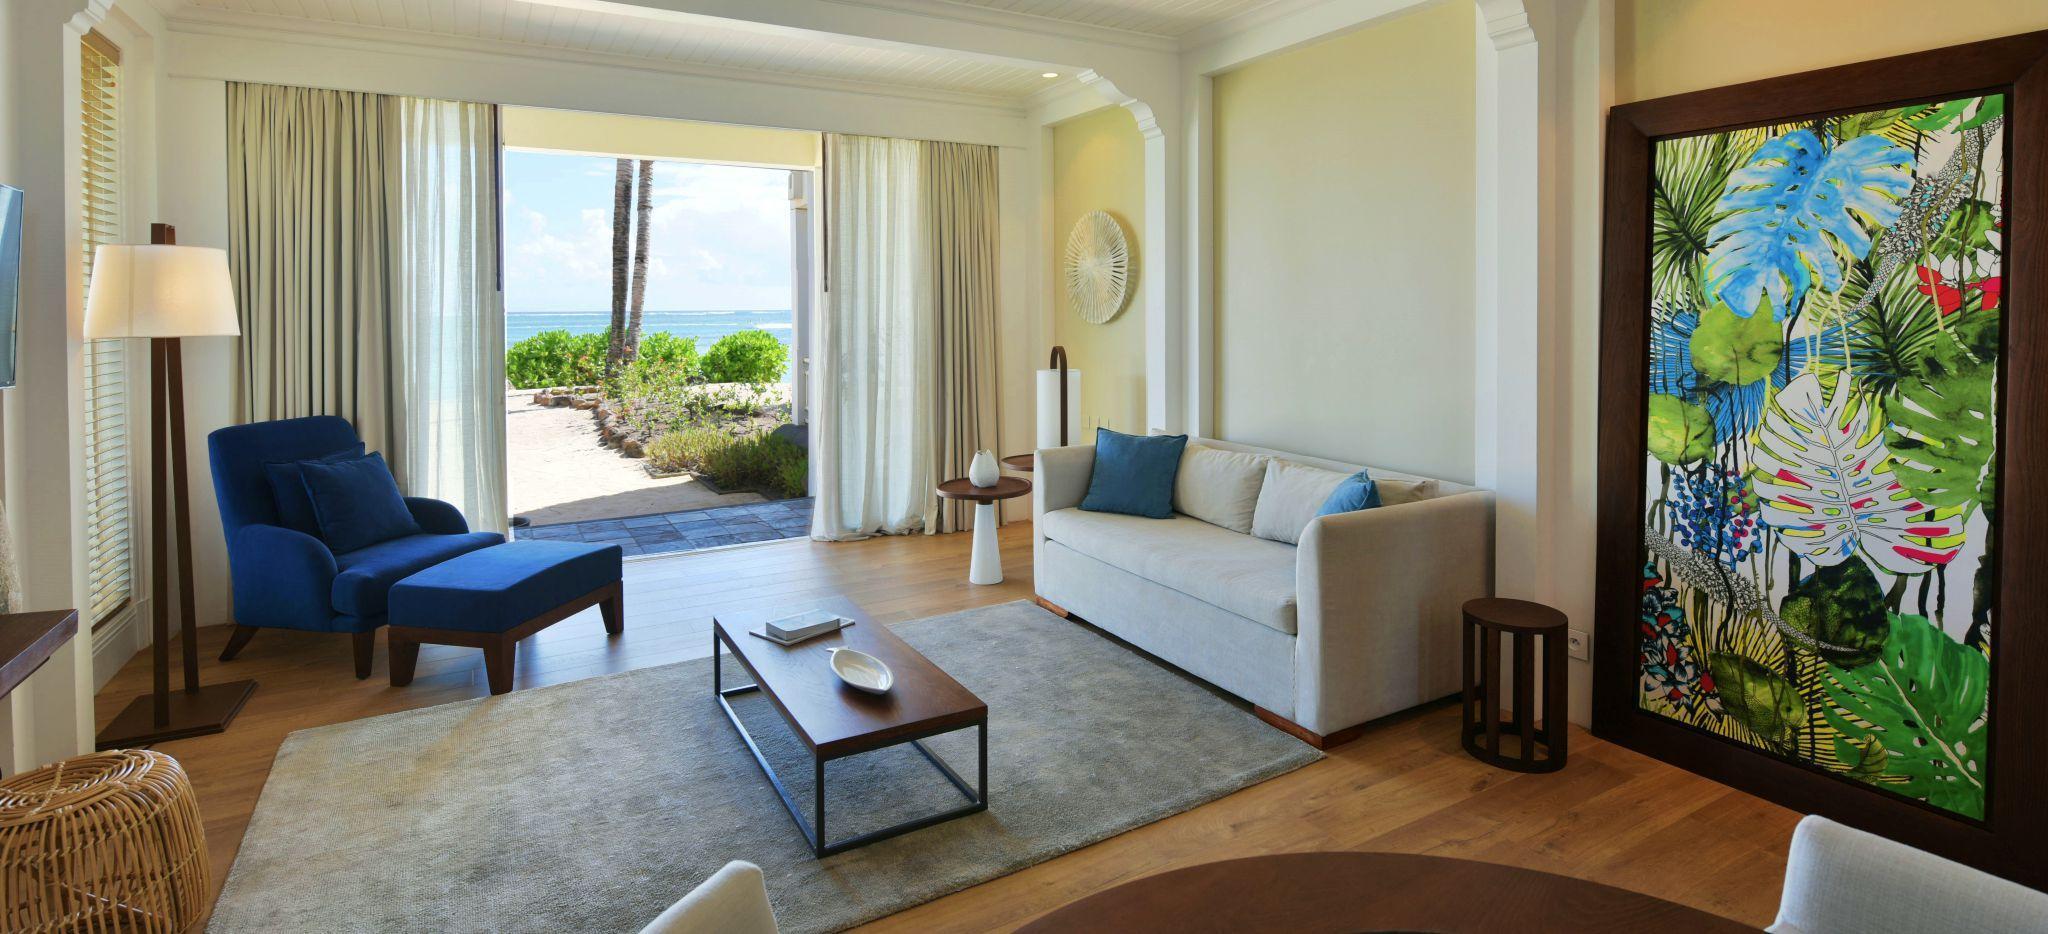 Ein großzügiges Wohnzimmer in einem Hotelzimmer des Hotels Heritage Le Telfair